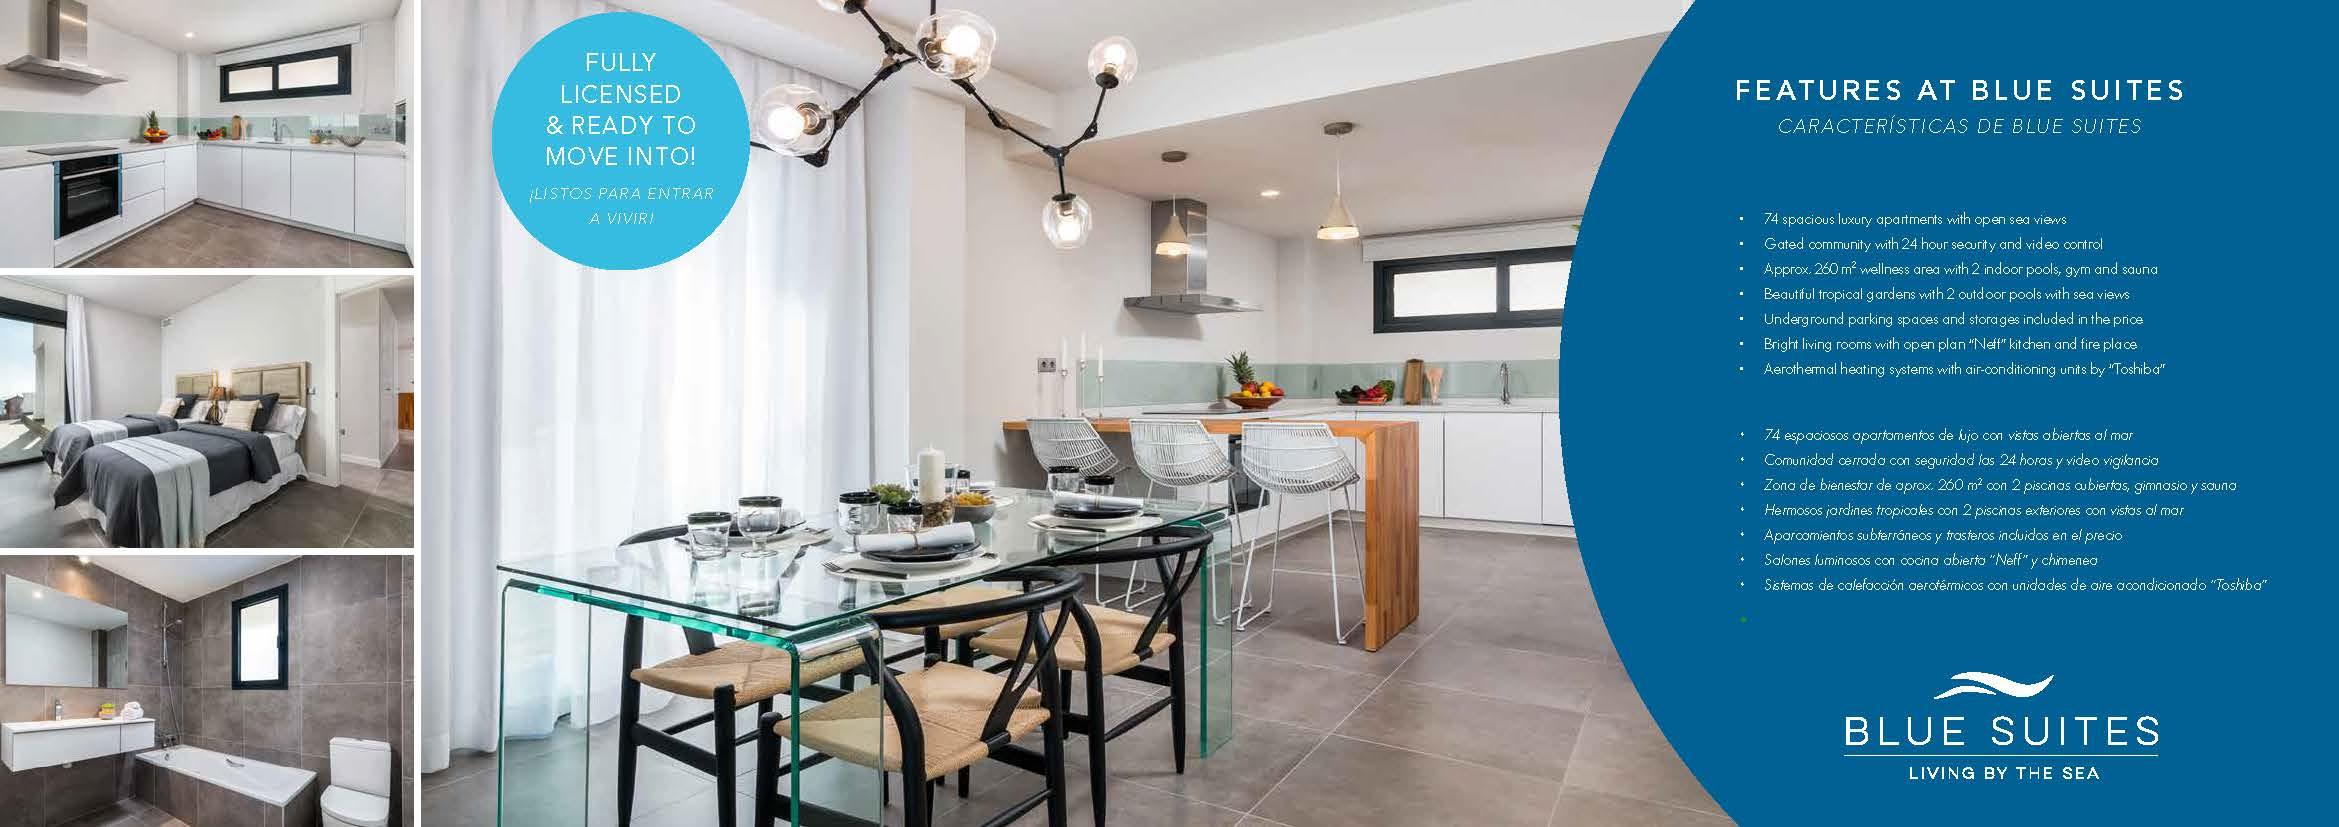 hermosos salones de apartamentos 74 APARTAMENTOS Y ATICOS DE LUJO EN MANILVA PLAYA DORADA